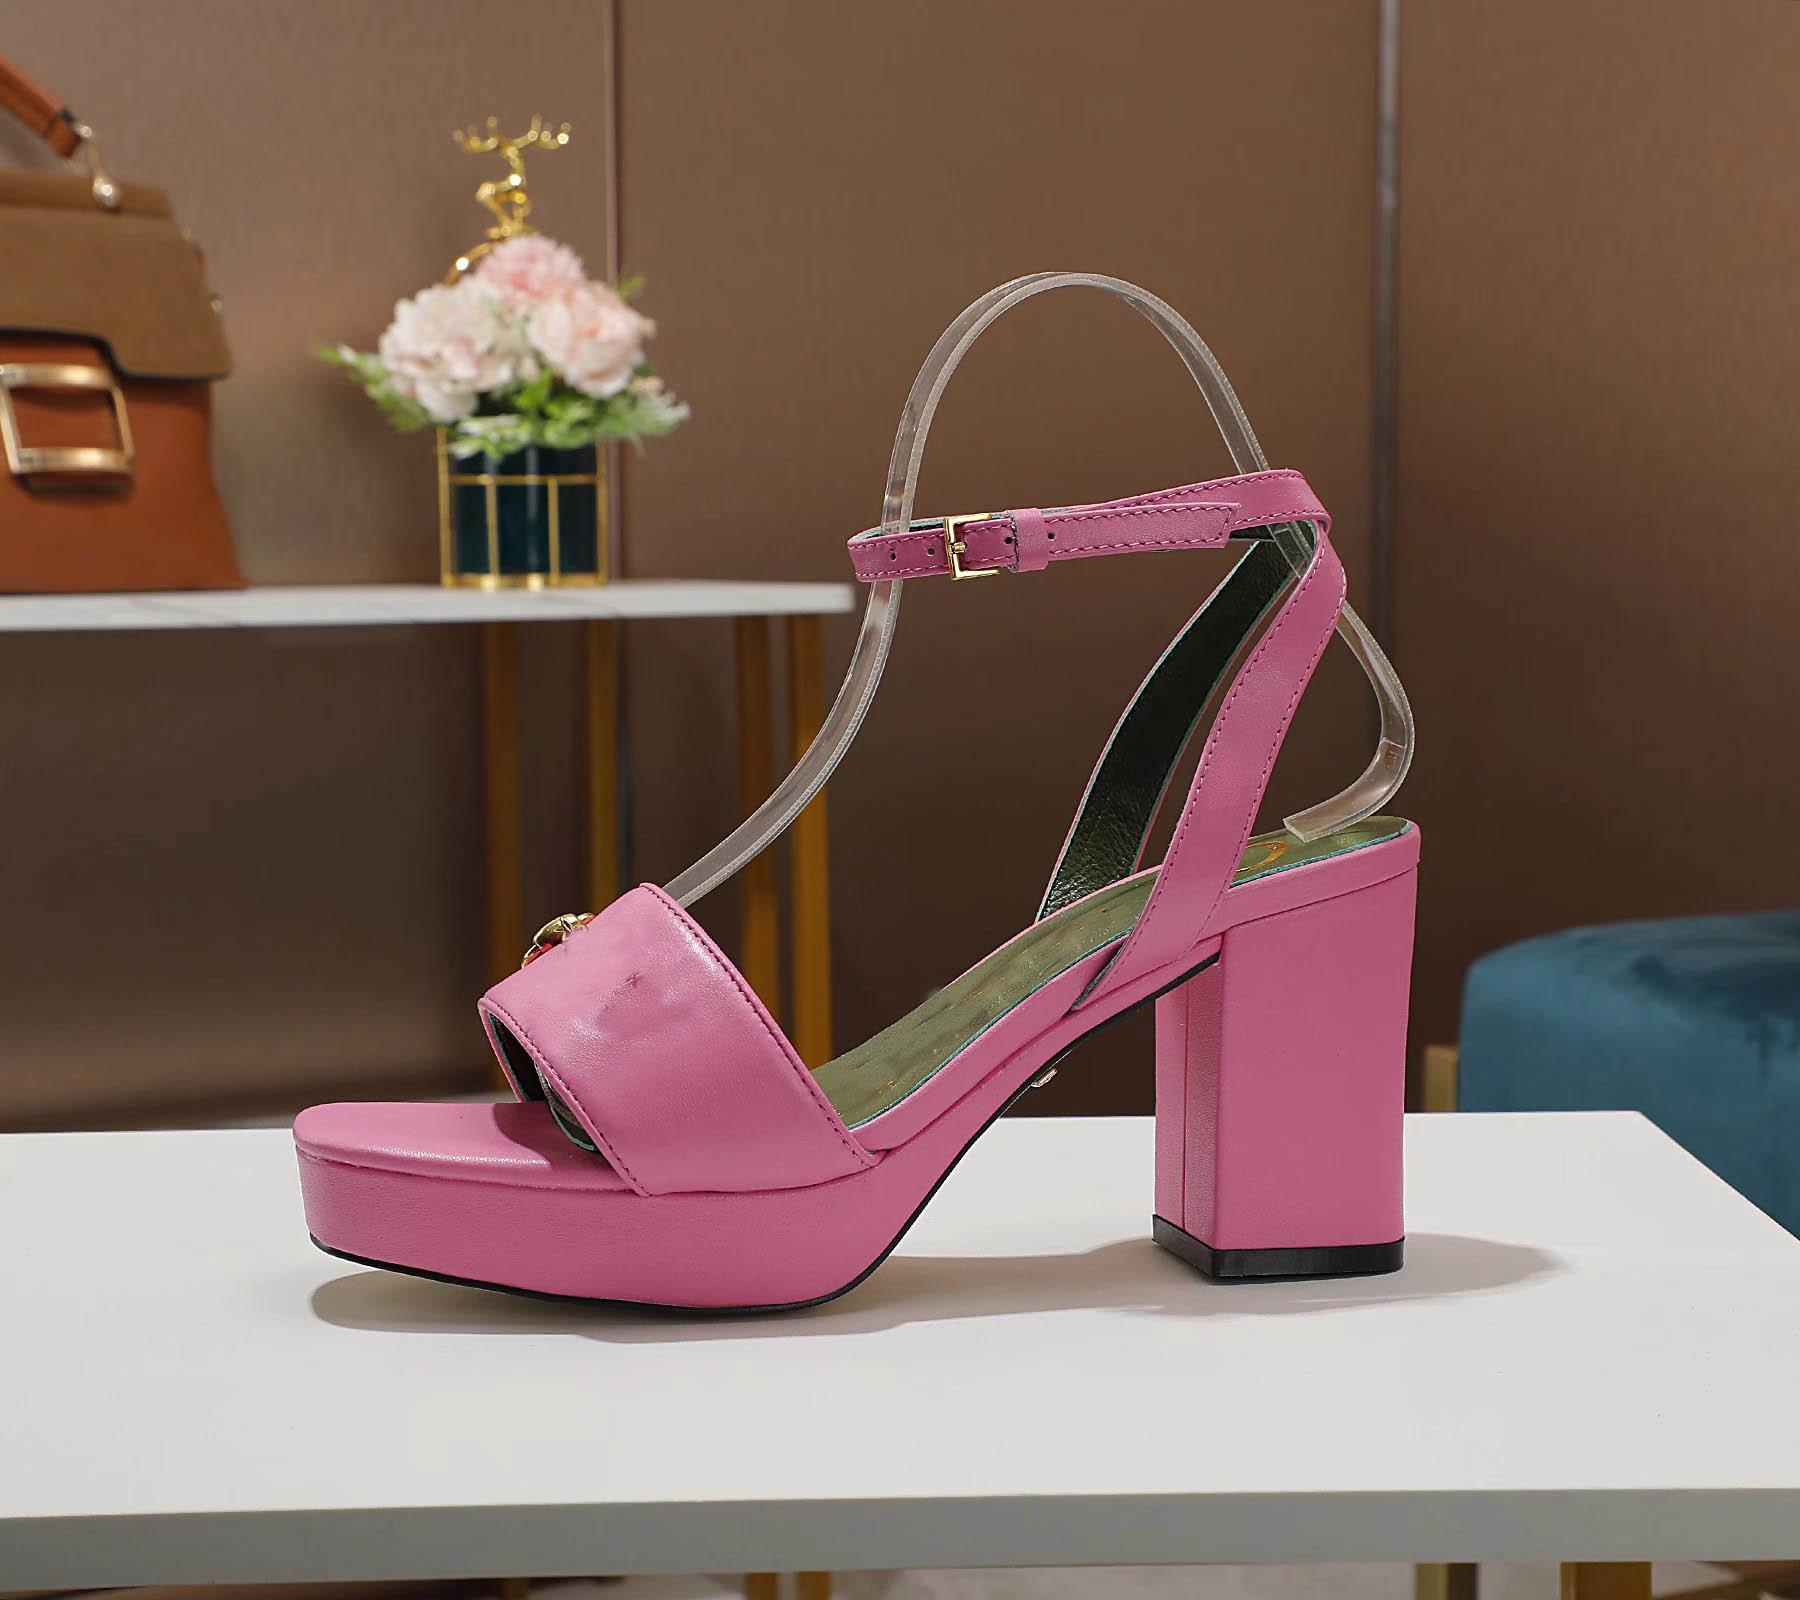 2021 Vente chaude Femmes Femmes Half Heels Sandals Filles Décontracté Été Plage Plage Chunky Heel Coin Chunky Shoe Sandal Sexy Sandal sexy # G96